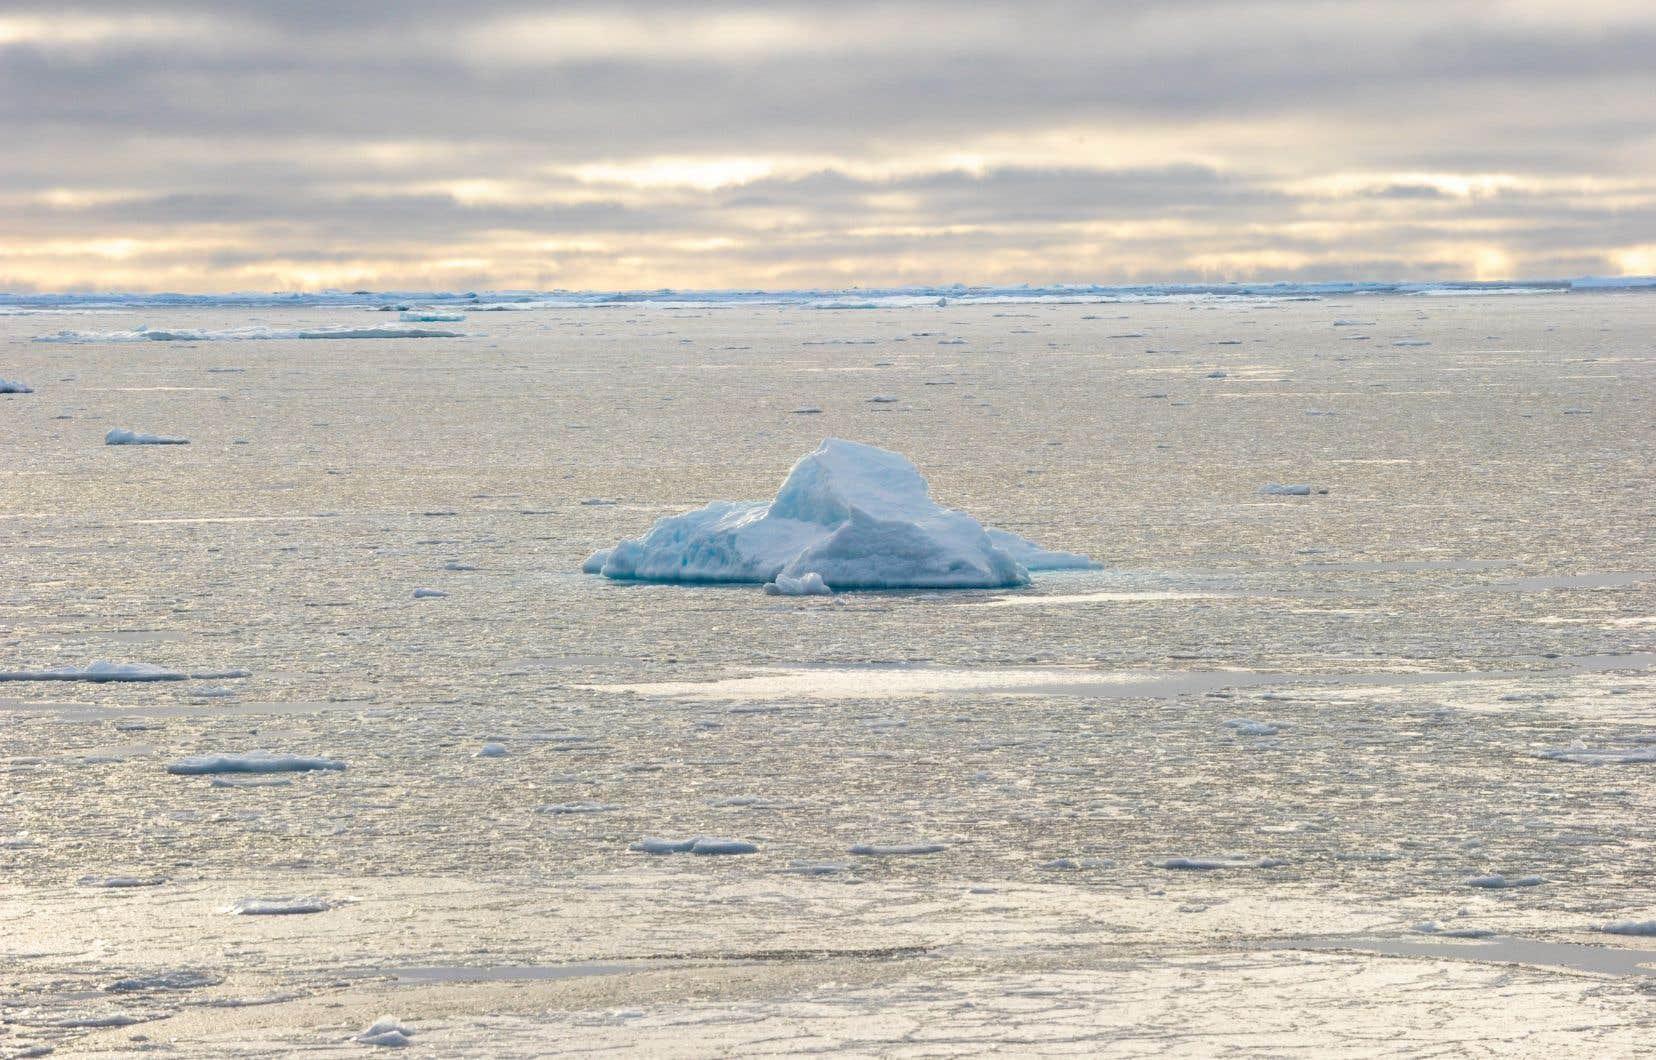 Le Centre américain de données sur la neige et la glace a estimé que la banquise dans l'Arctique a probablement atteint son niveau minimal le 15 septembre. À partir de ce moment, la glace de mer devrait cesser de fondre et recommencer à croître.